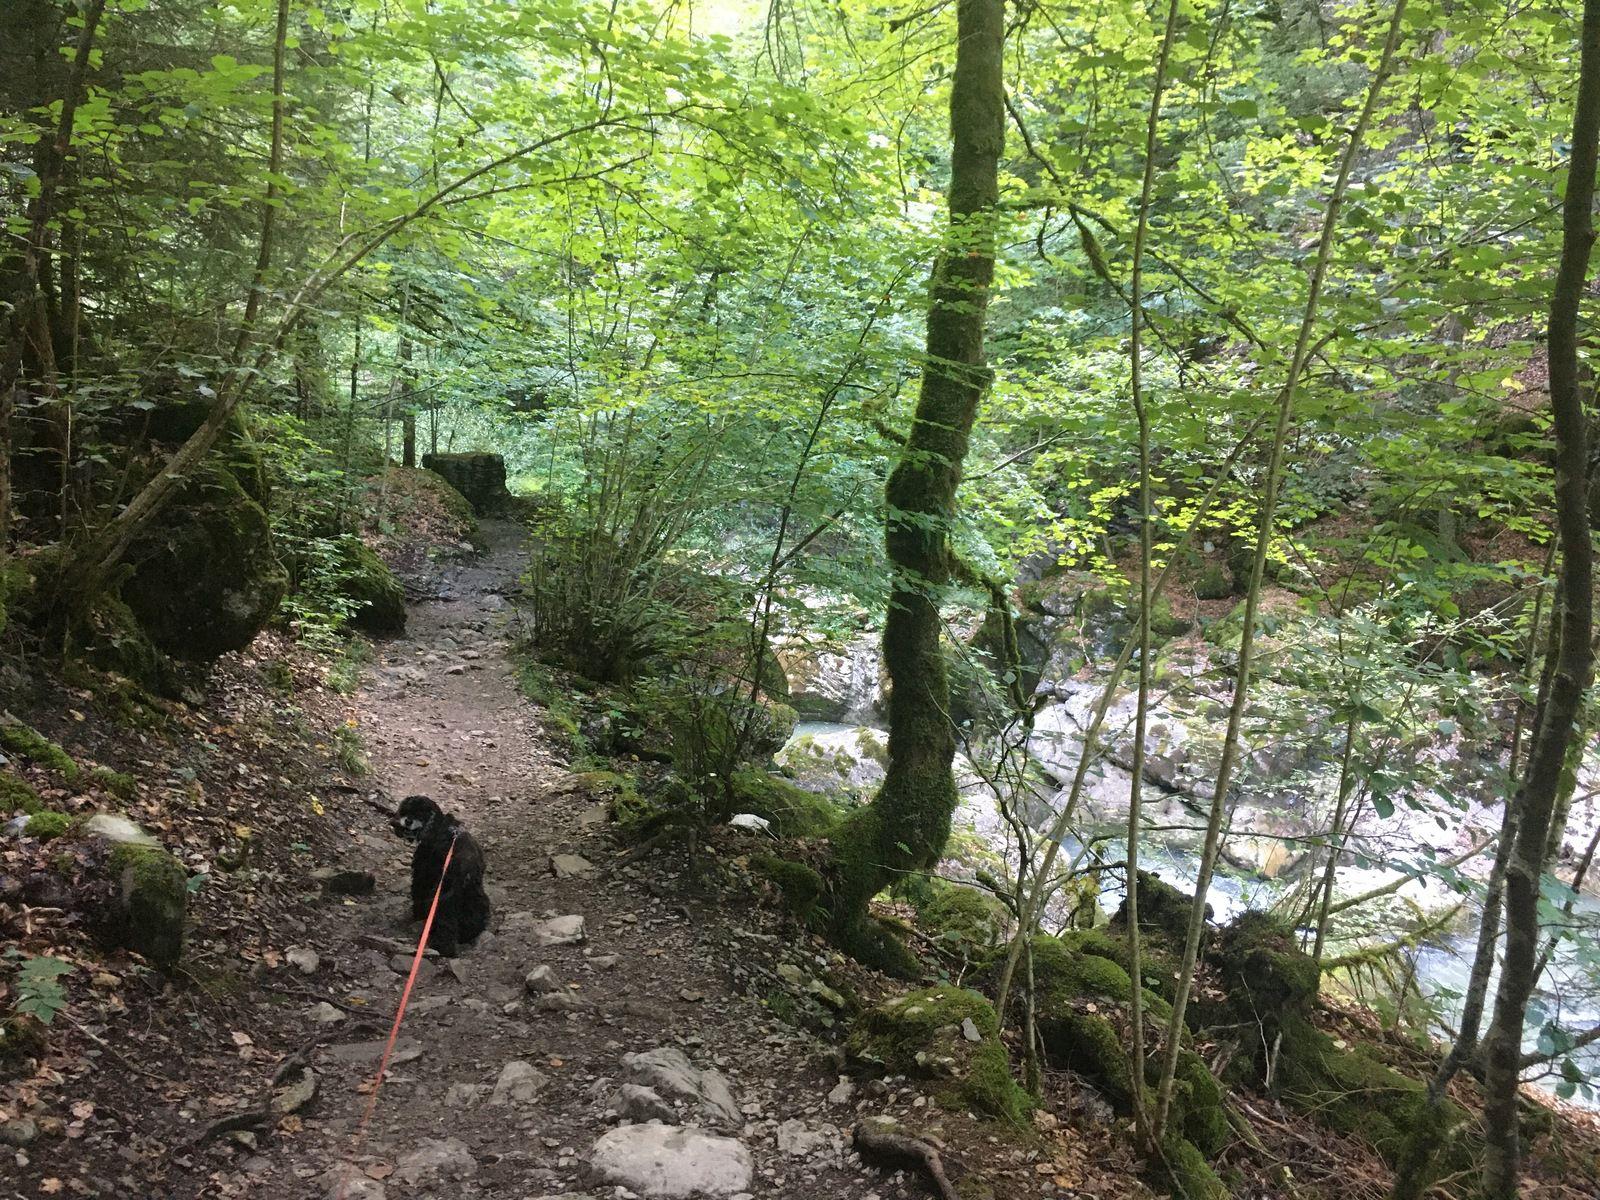 15-16 août 2020 : Les gorges de la Jogne et le lac de Montsalvens / lac de Gruyère (Suisse)